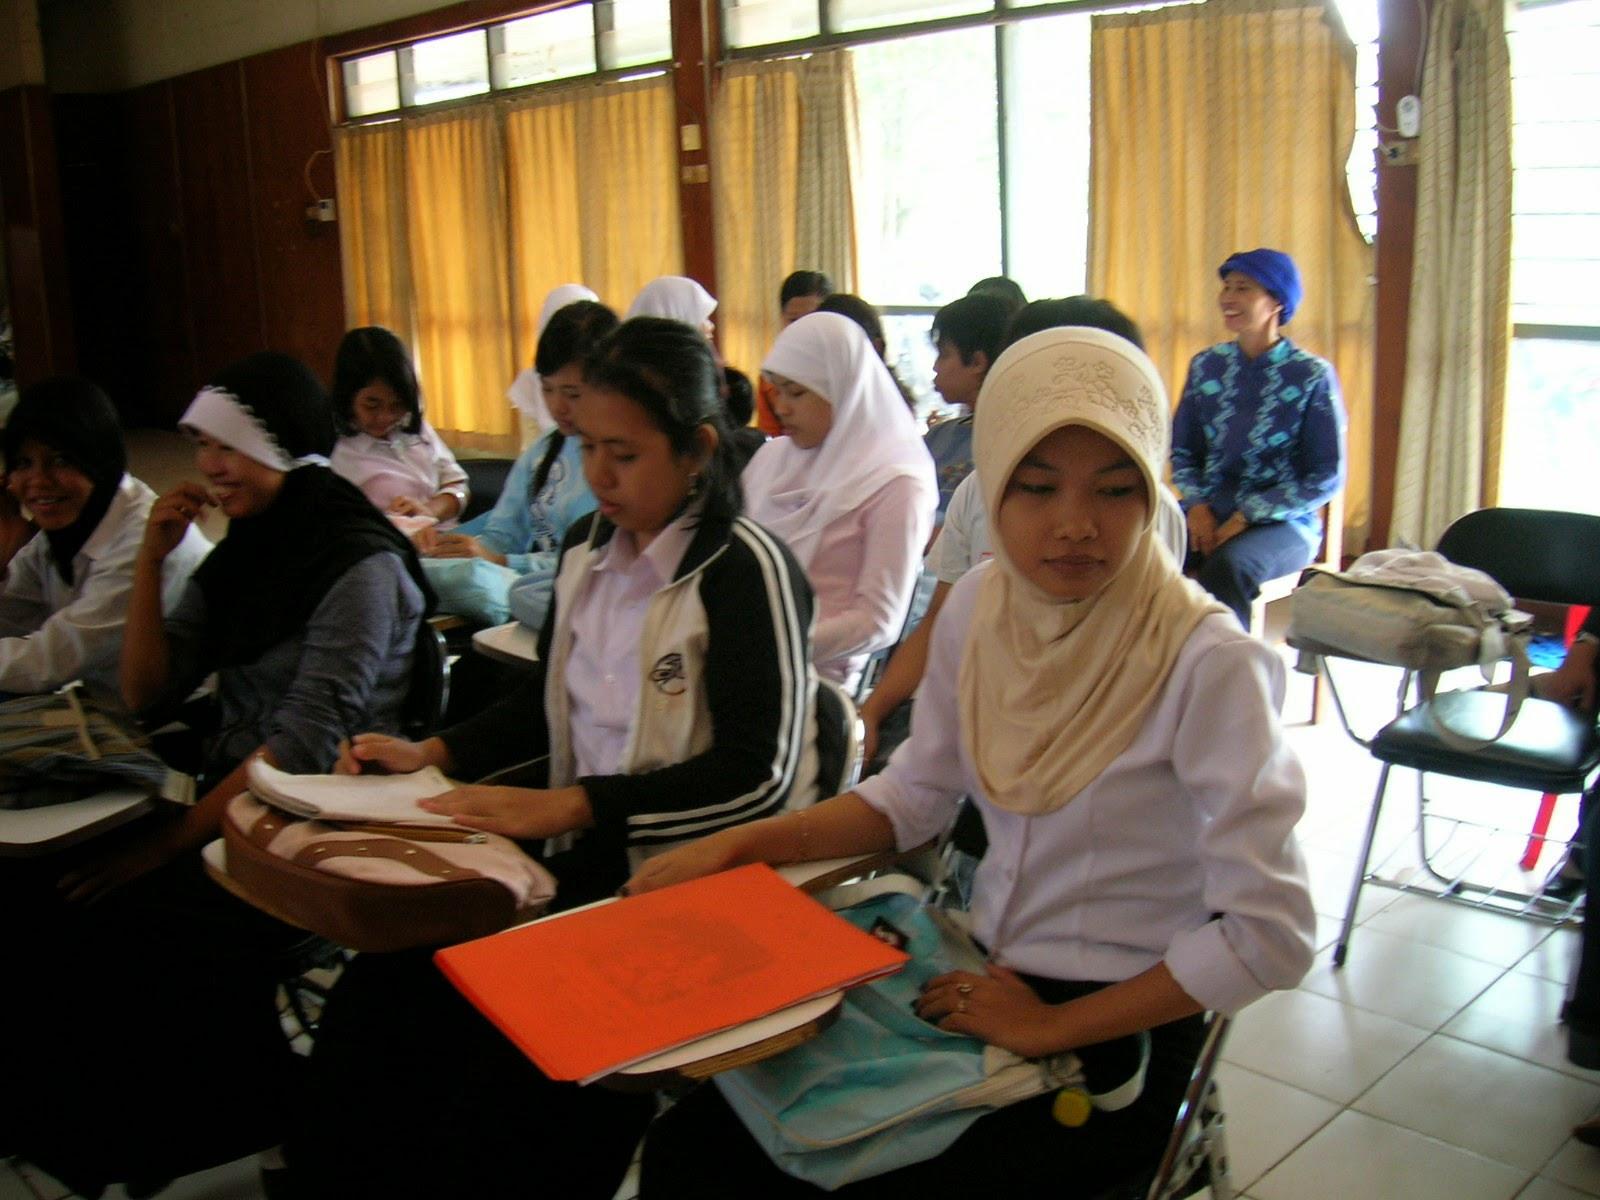 PENGERTIAN DAN HAKIKAT HUKUM DI INDONESIA | VISIUNIVERSAL PENDIDIKAN